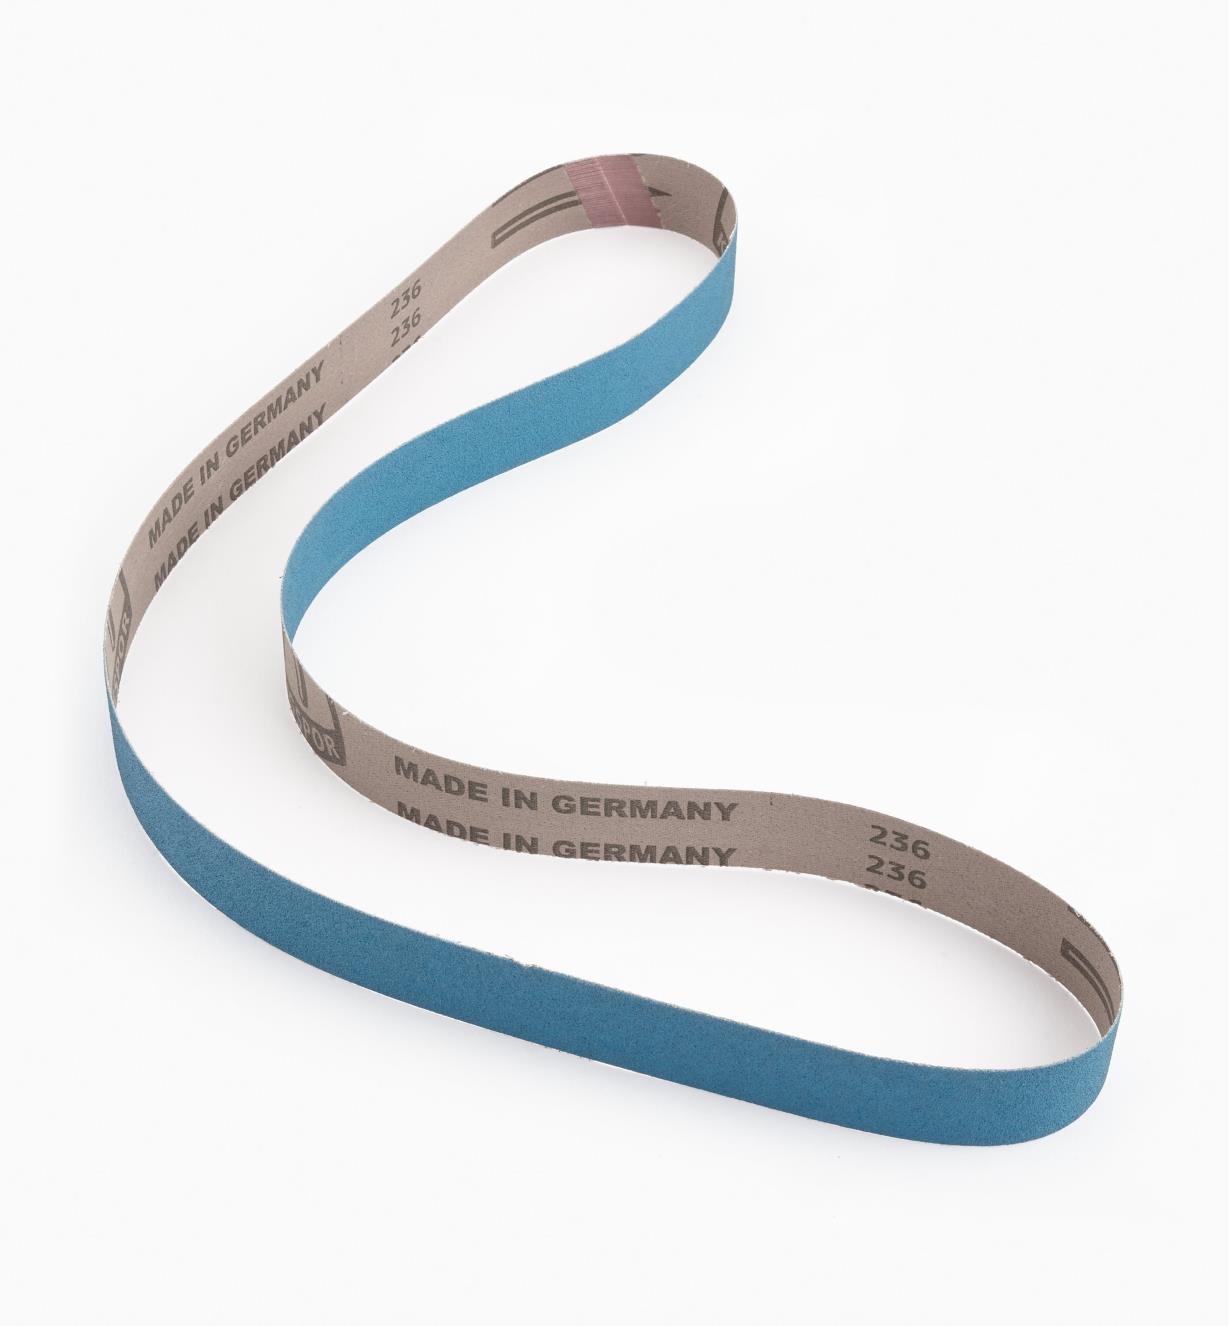 68Z24212 - Courroie d'affûtage en zircone bleue de grain120, 1pox 42po